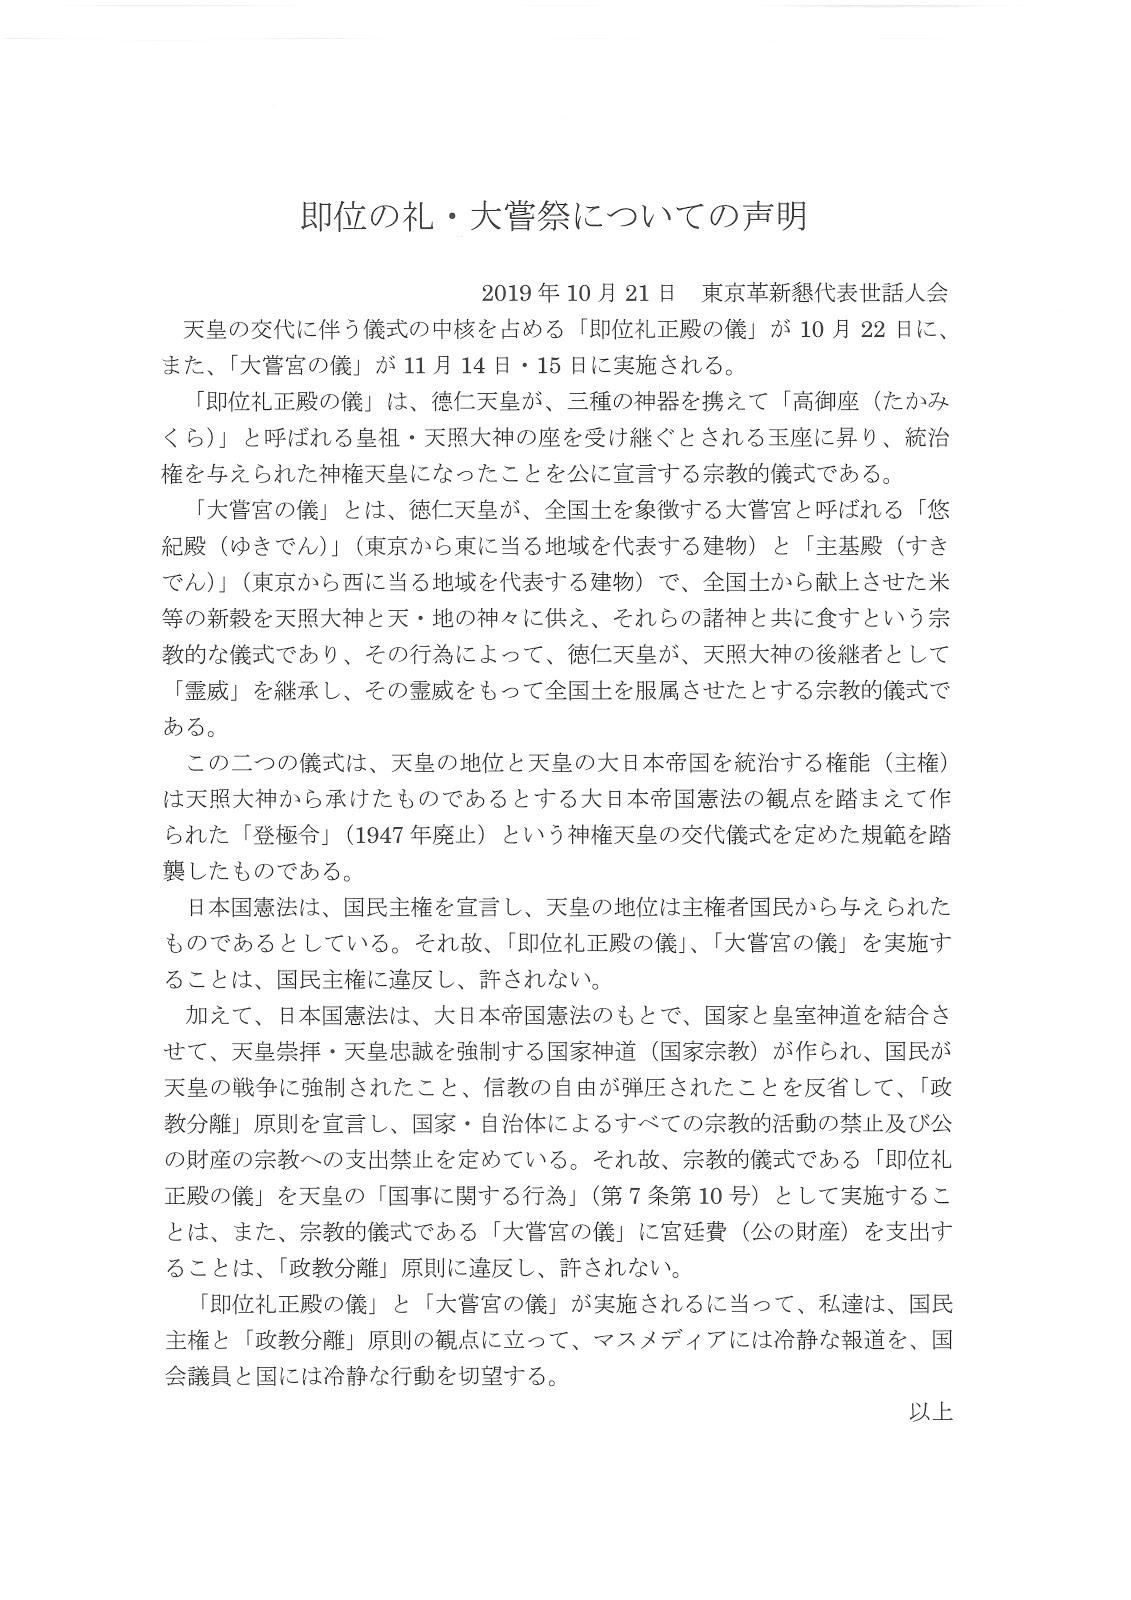 東京革新懇が、10月21日、即位の礼・大嘗祭についての声明